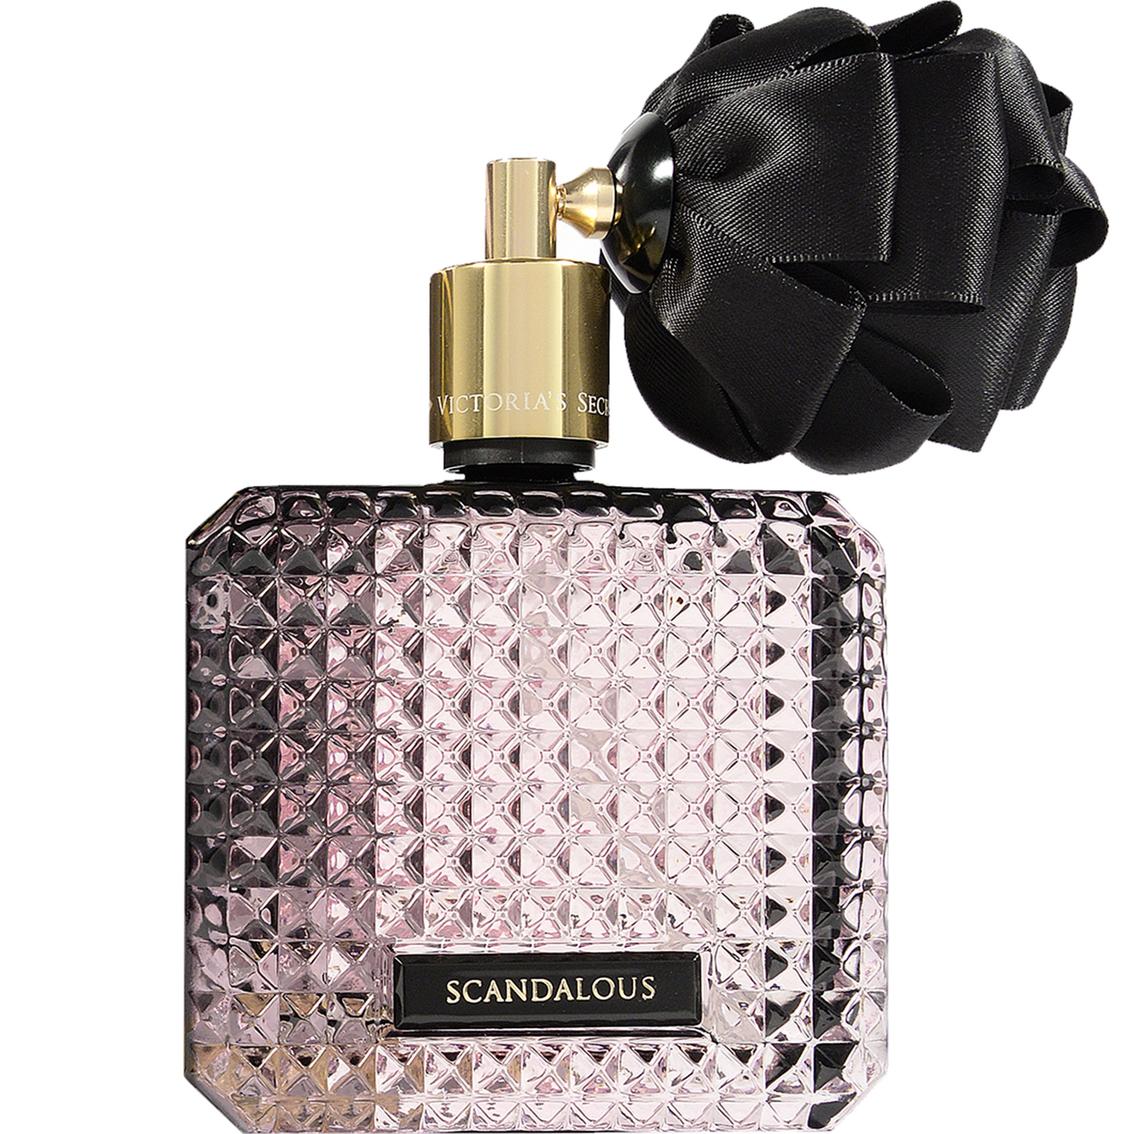 8958a8a47f Victoria s Secret Scandalous Eau De Parfum Spray